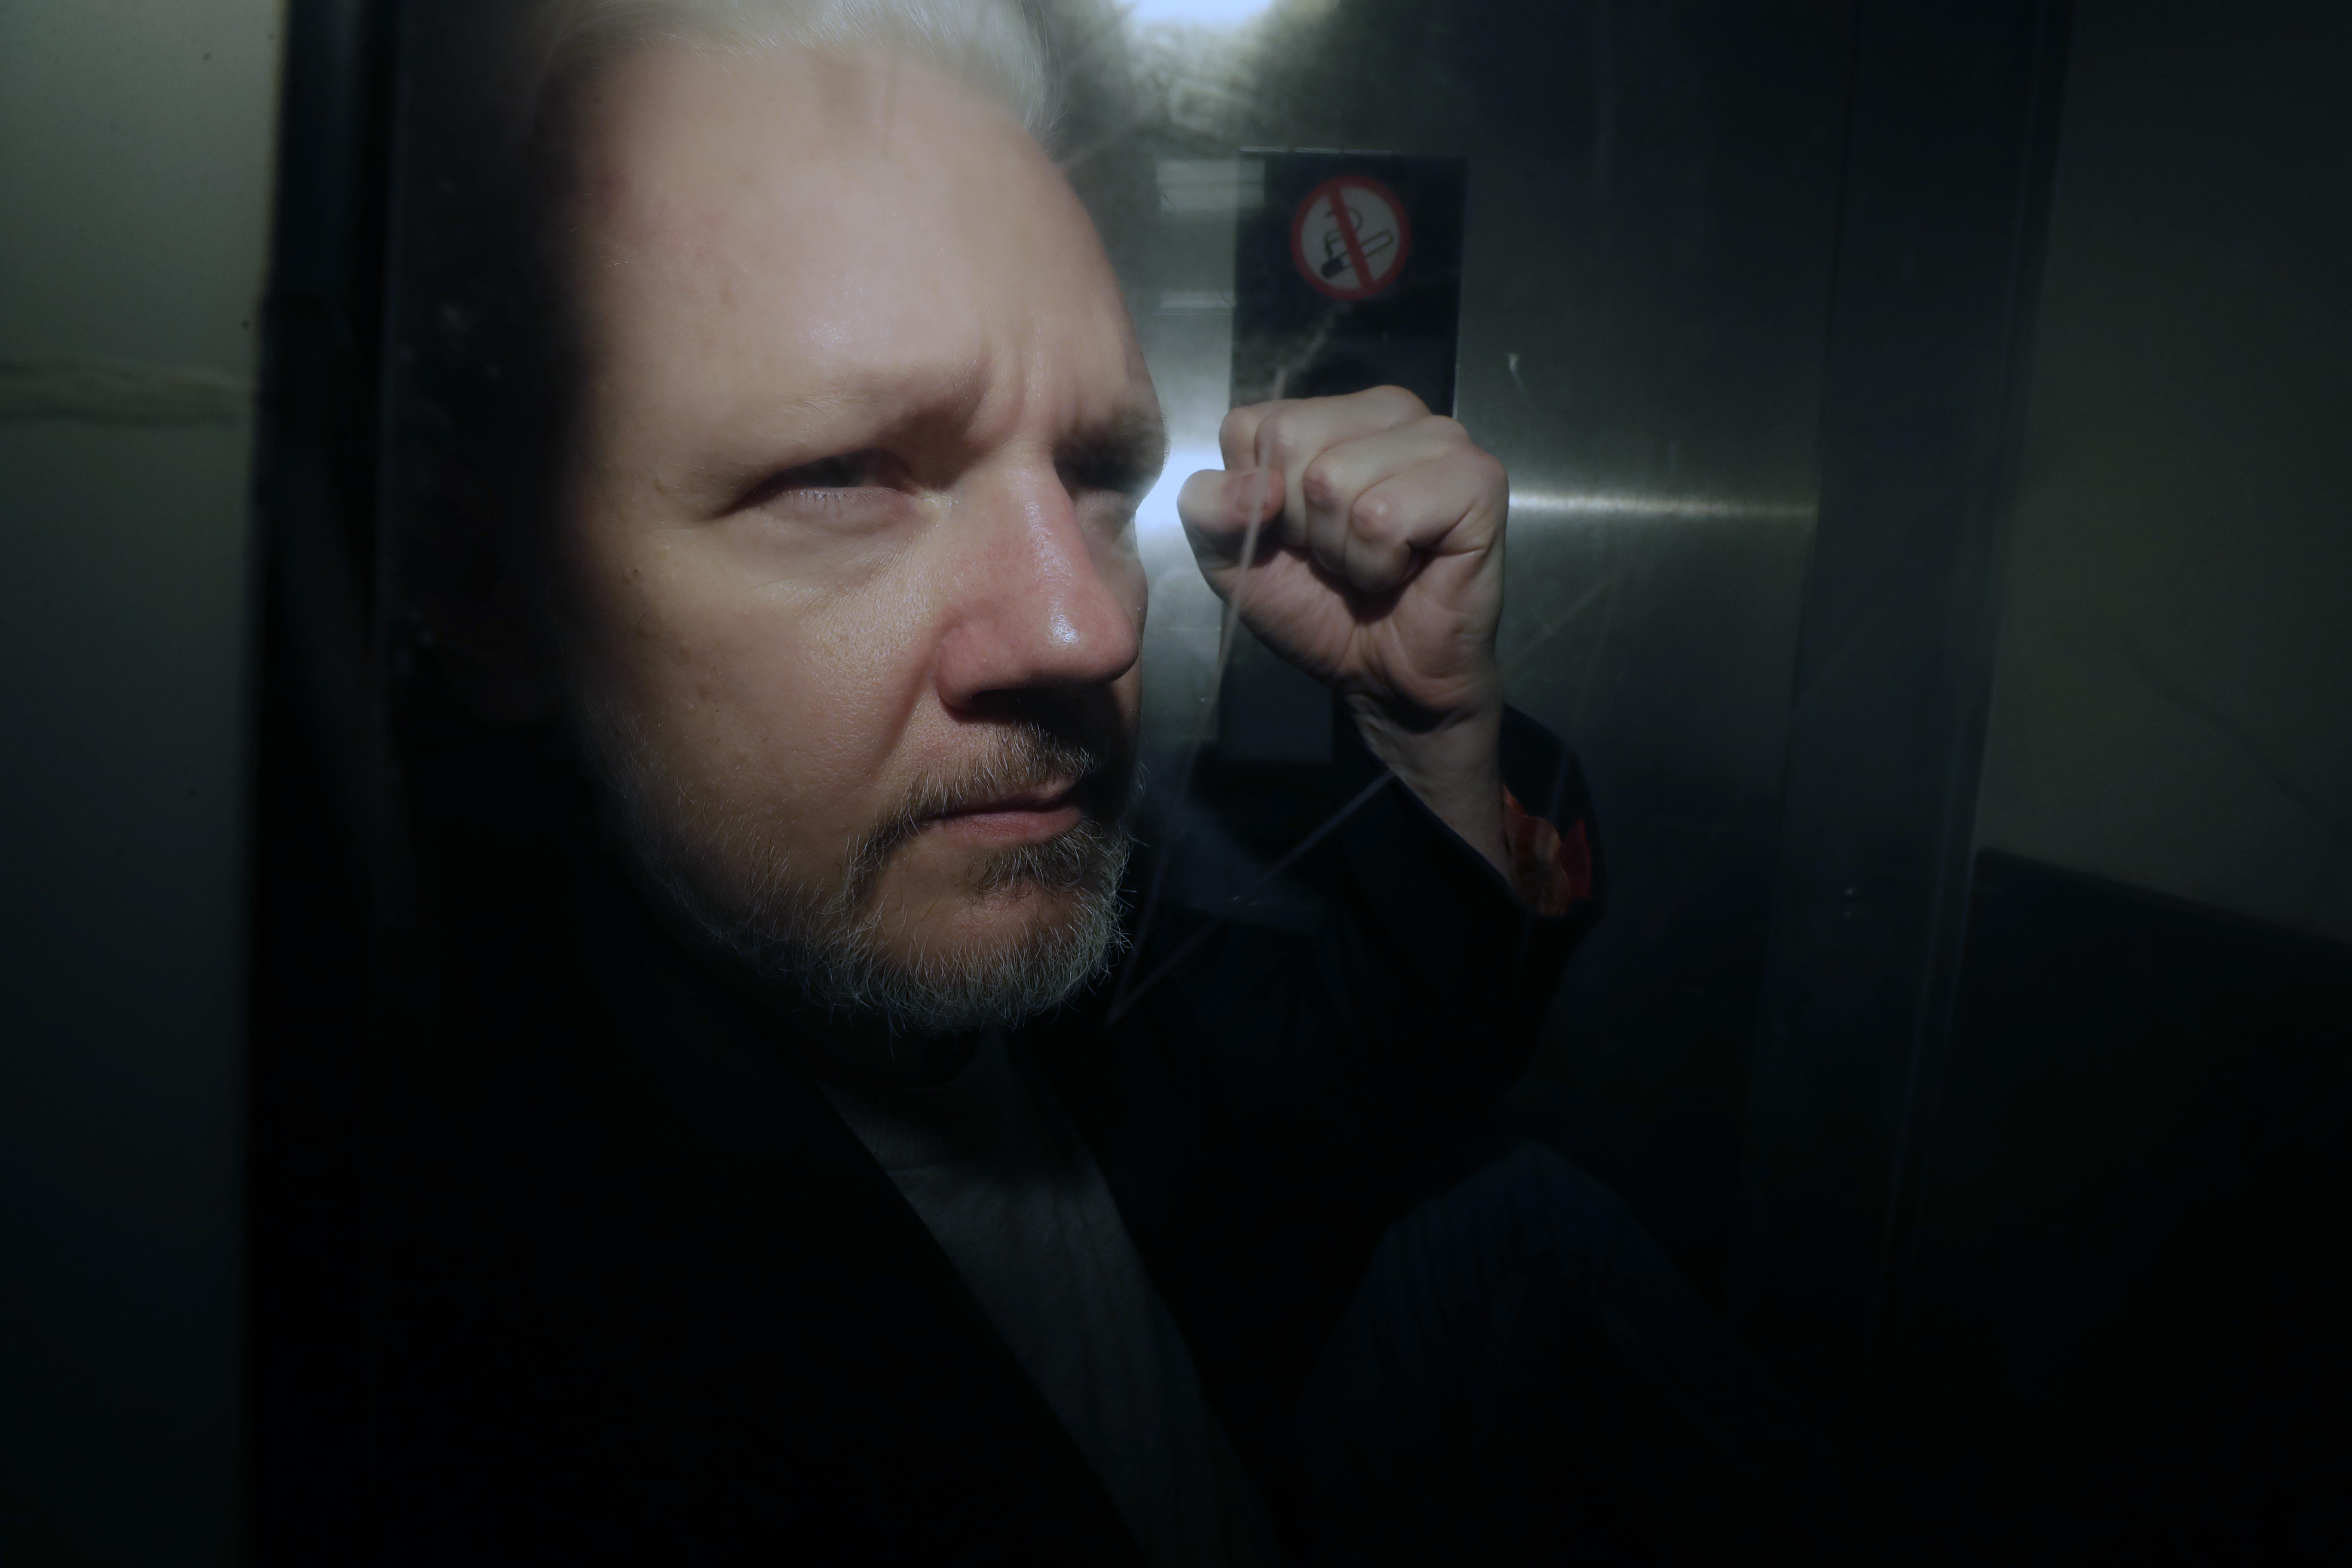 Julian Assange blocked from accessing evidence in WikiLeaks case, defe